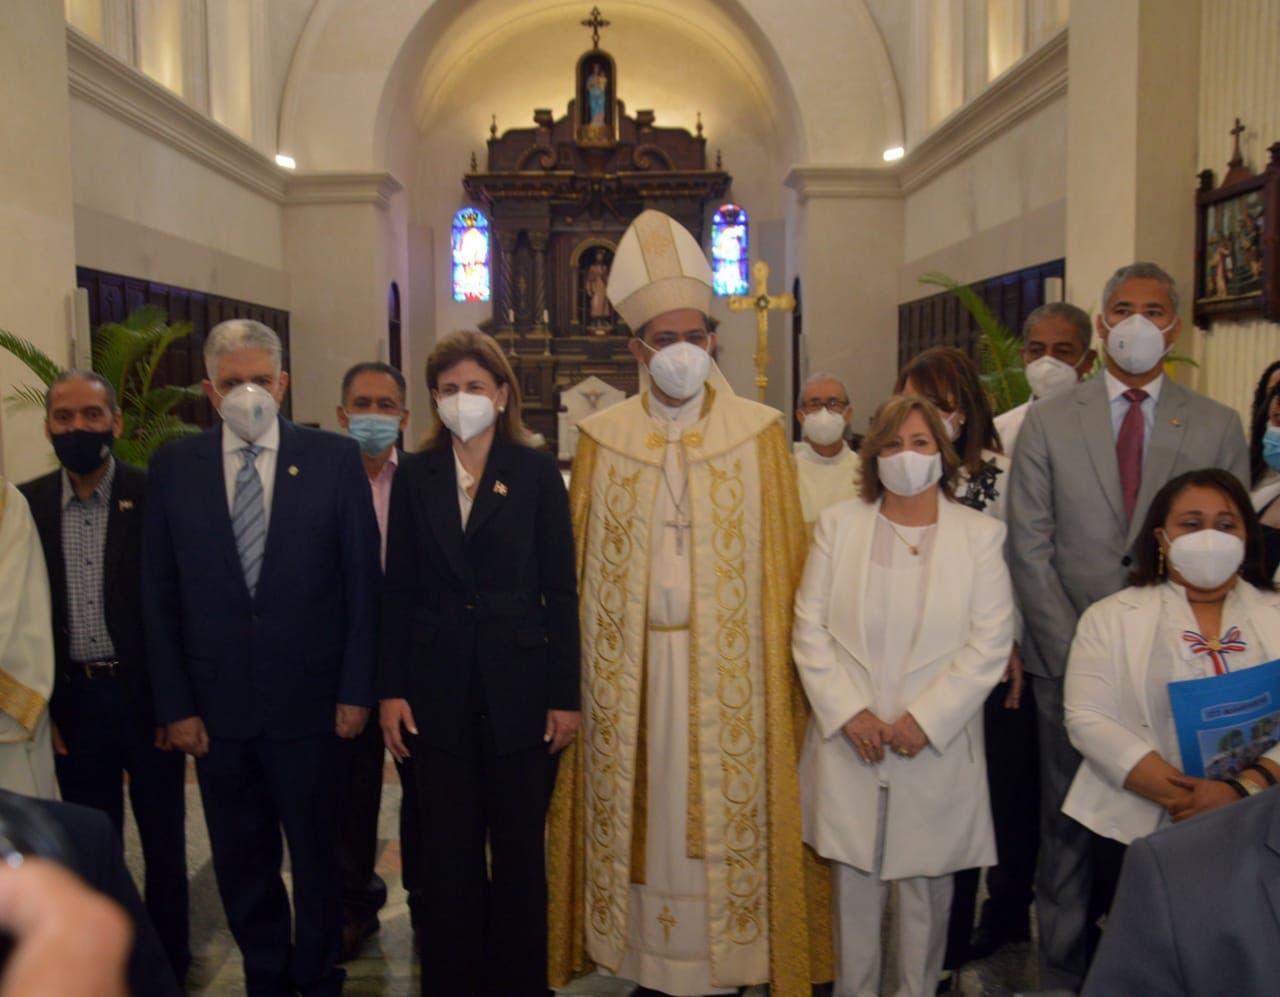 Obispo pide a Luis Abinader destituir funcionarios que busquen intereses personales